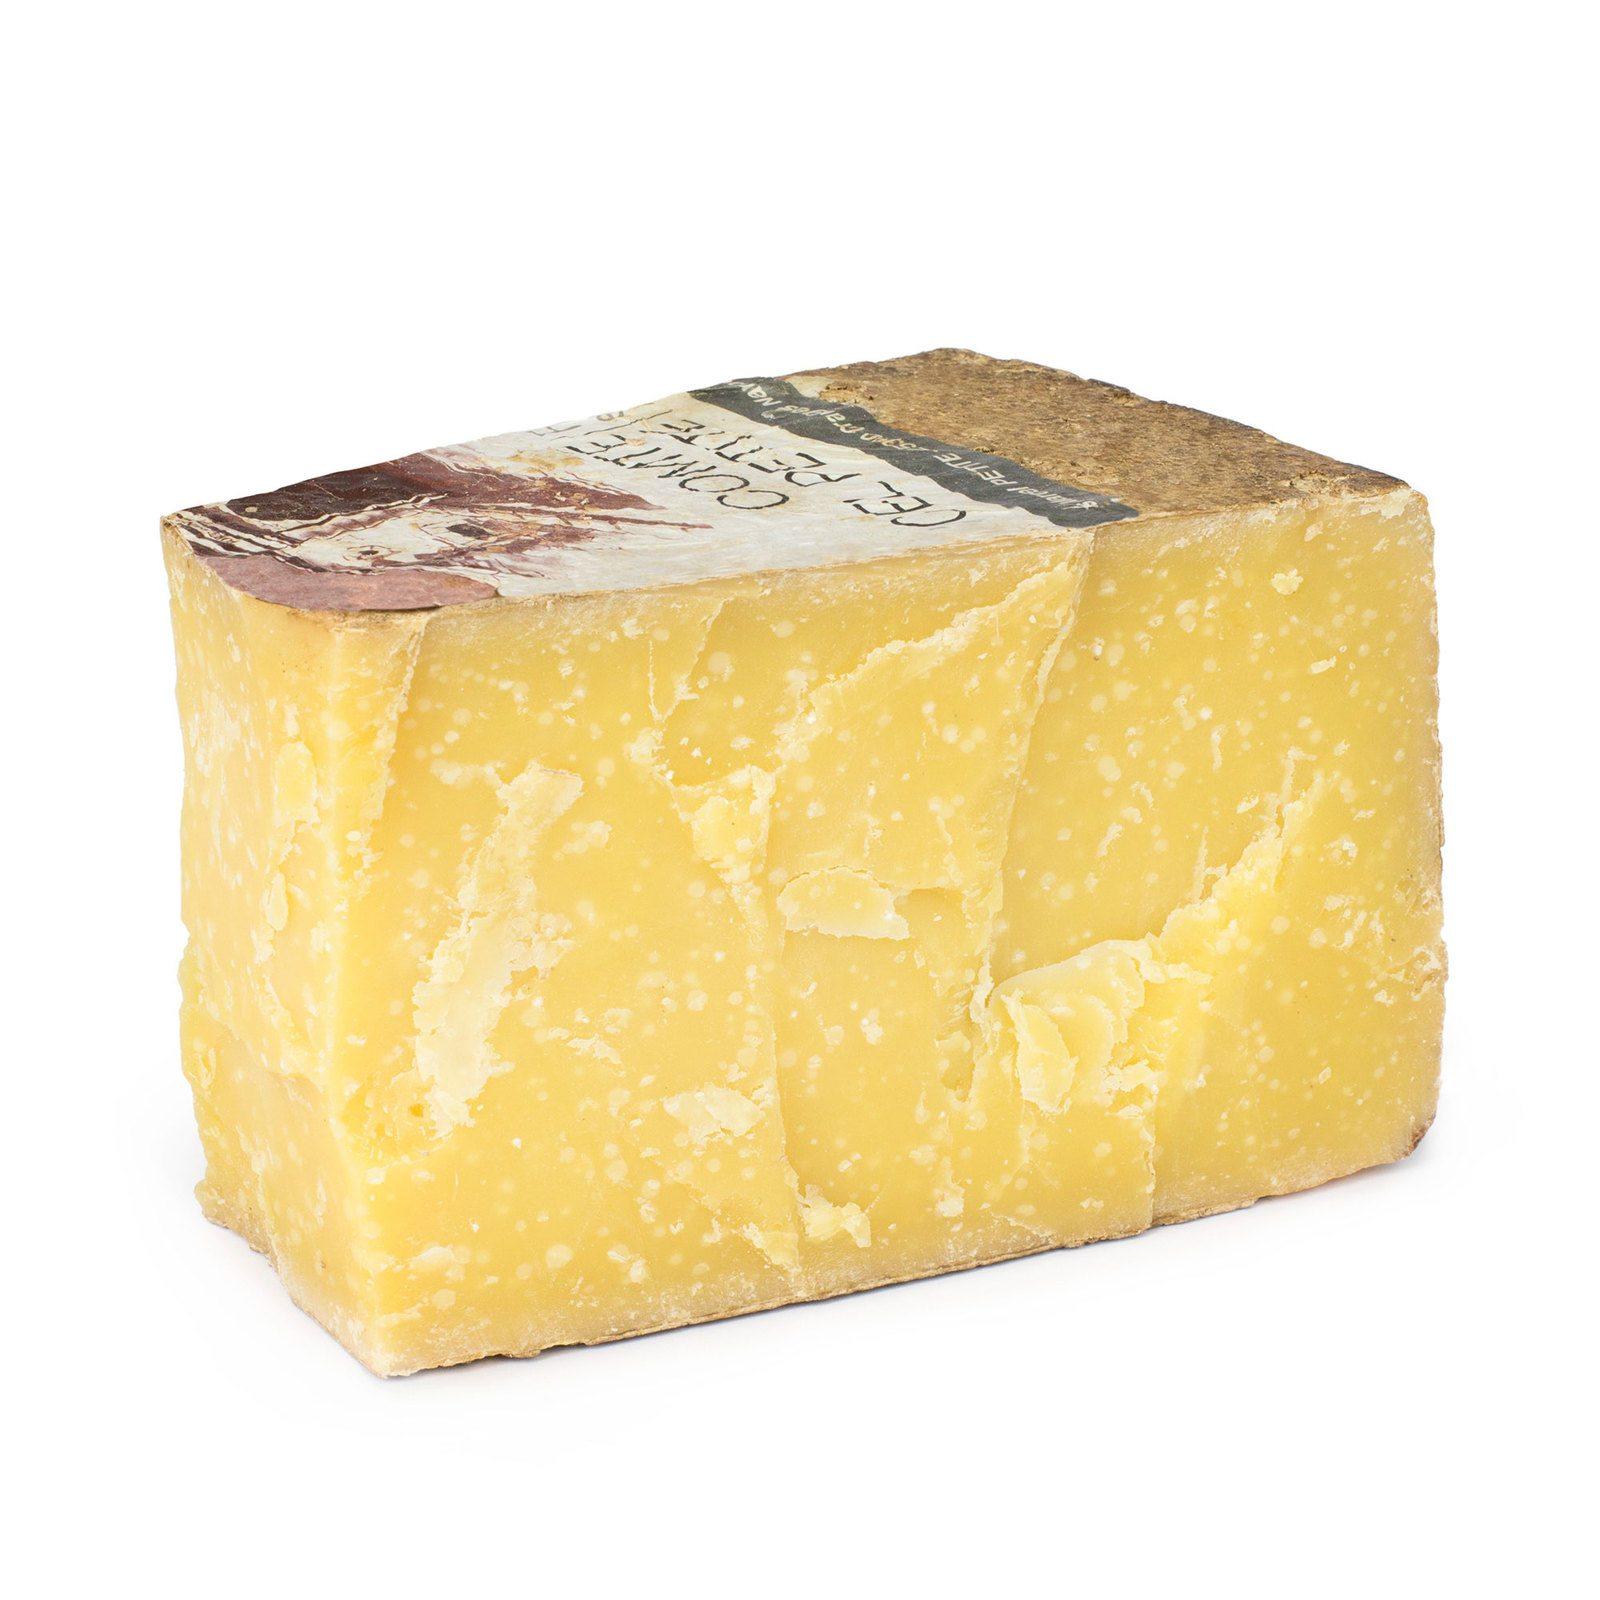 comt cheese info and price volpetti rh volpetti com